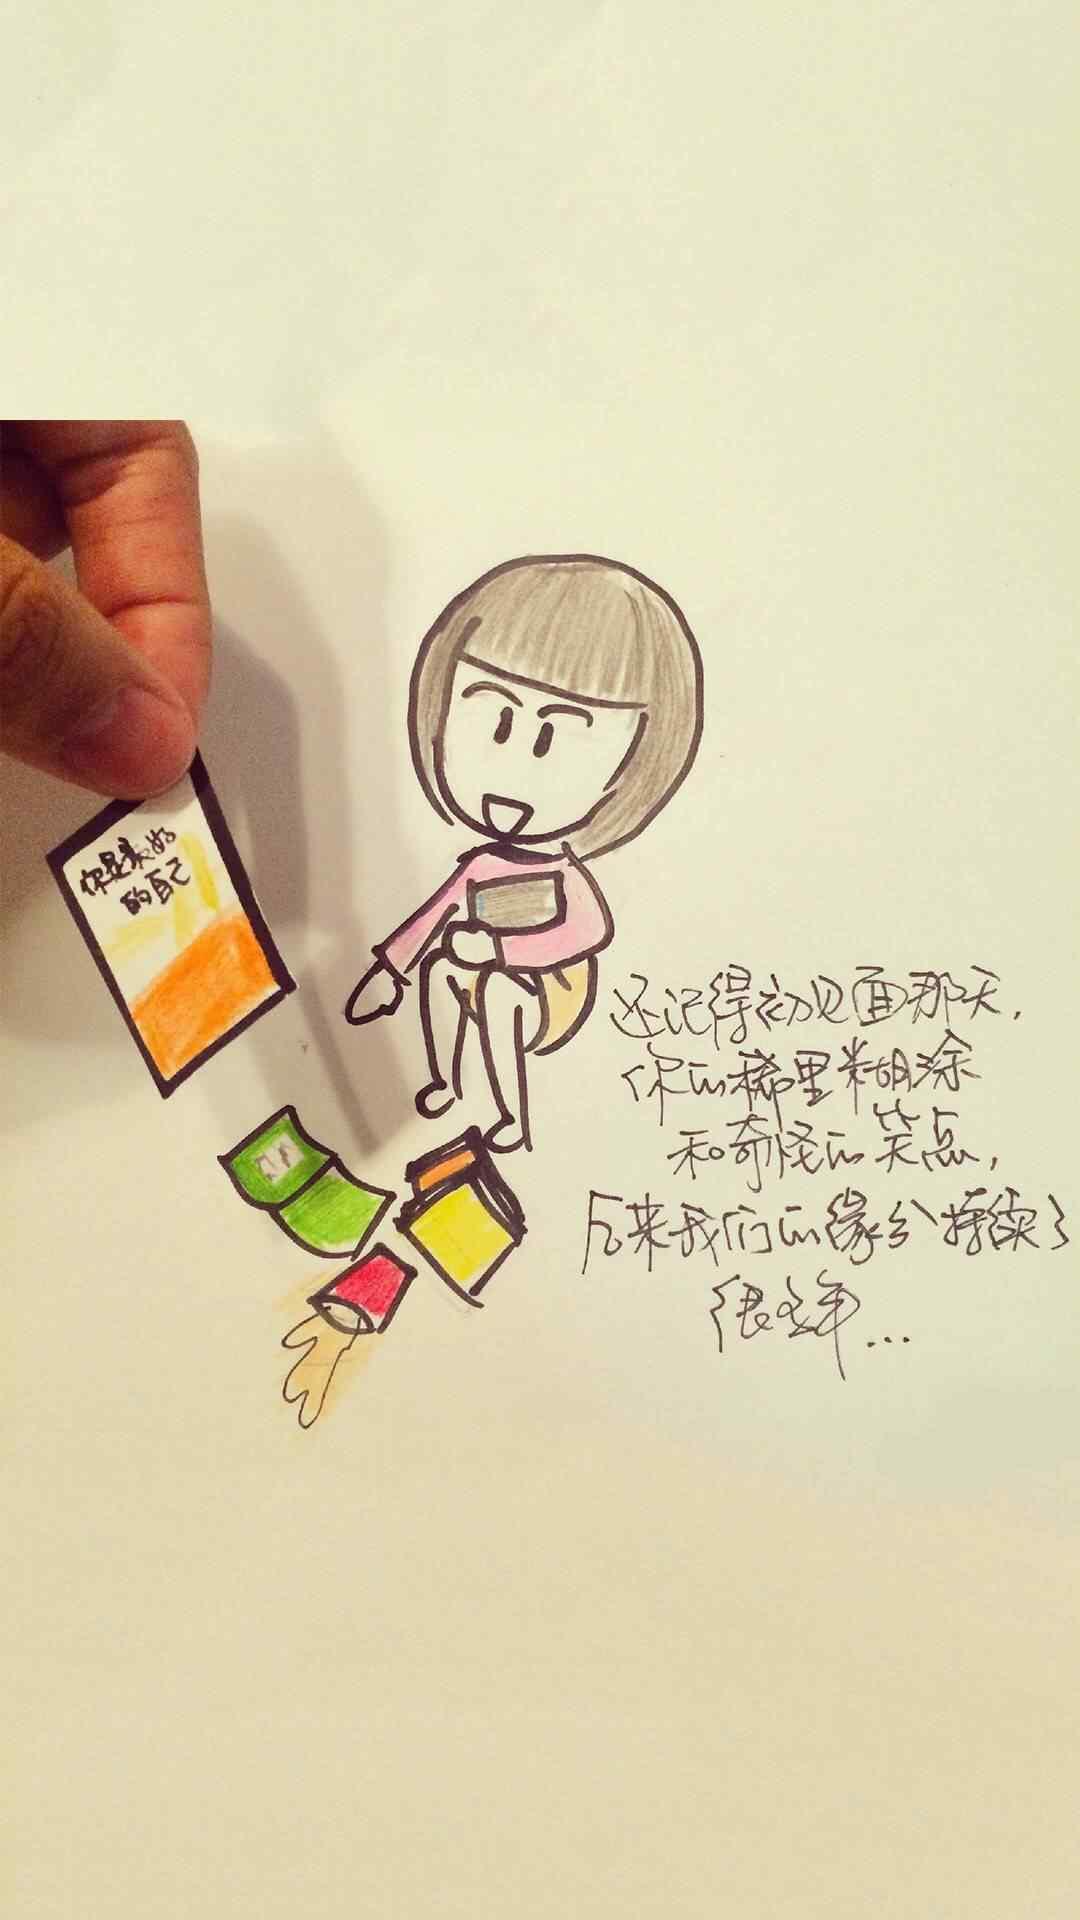 个性创意手绘插画高清手机壁纸